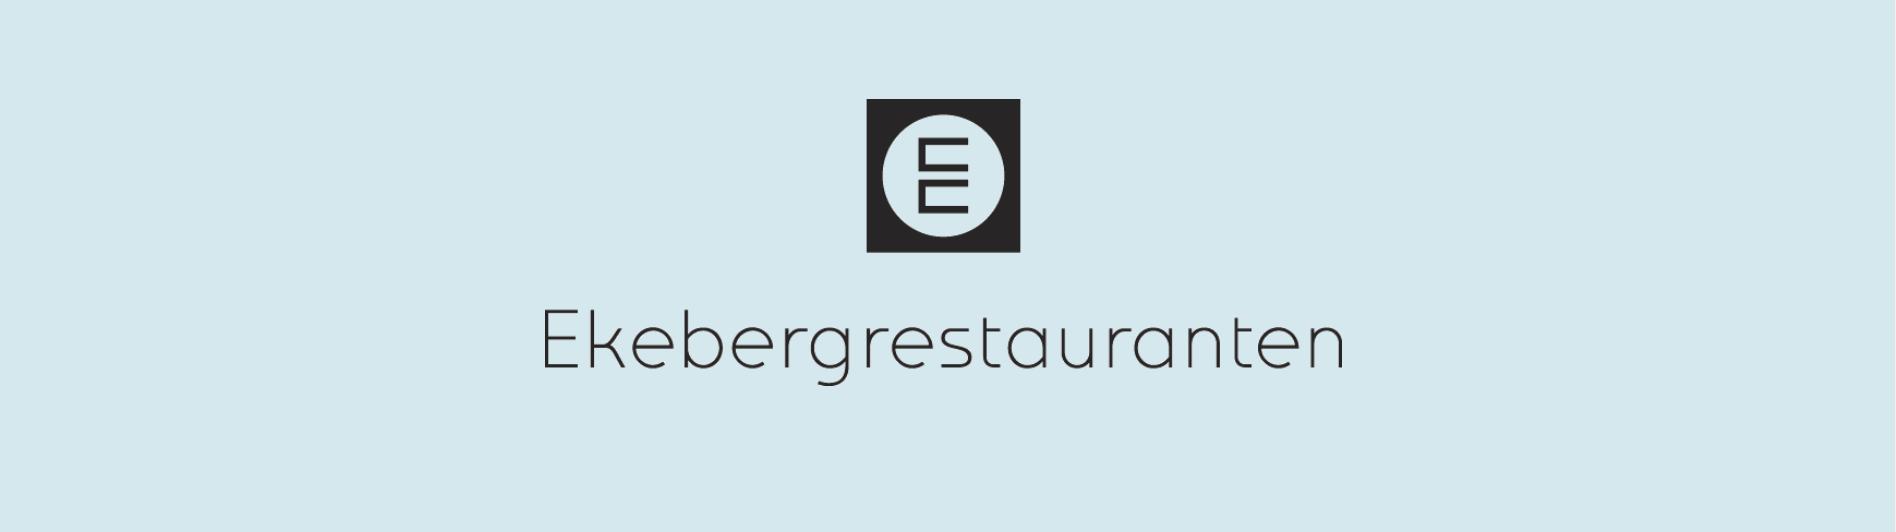 ekeberg-bla-logo-klippet